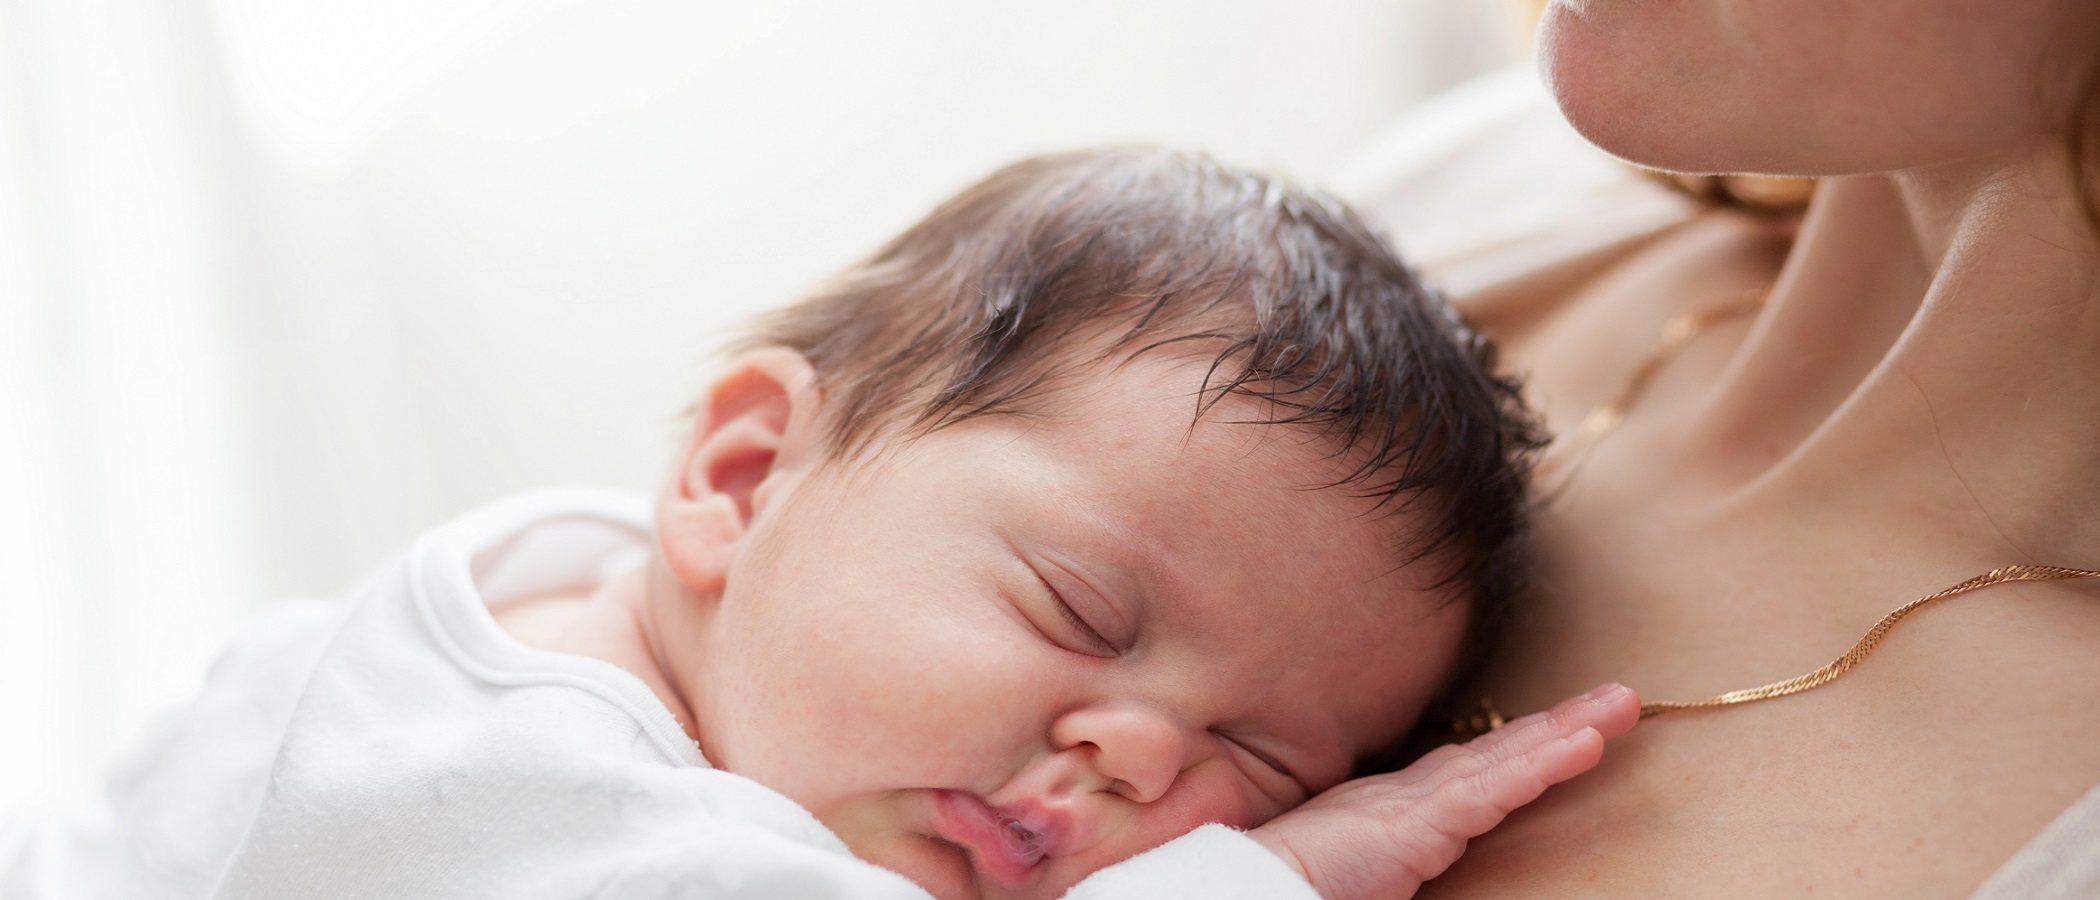 Por qué un bebé nace con la piel oscura